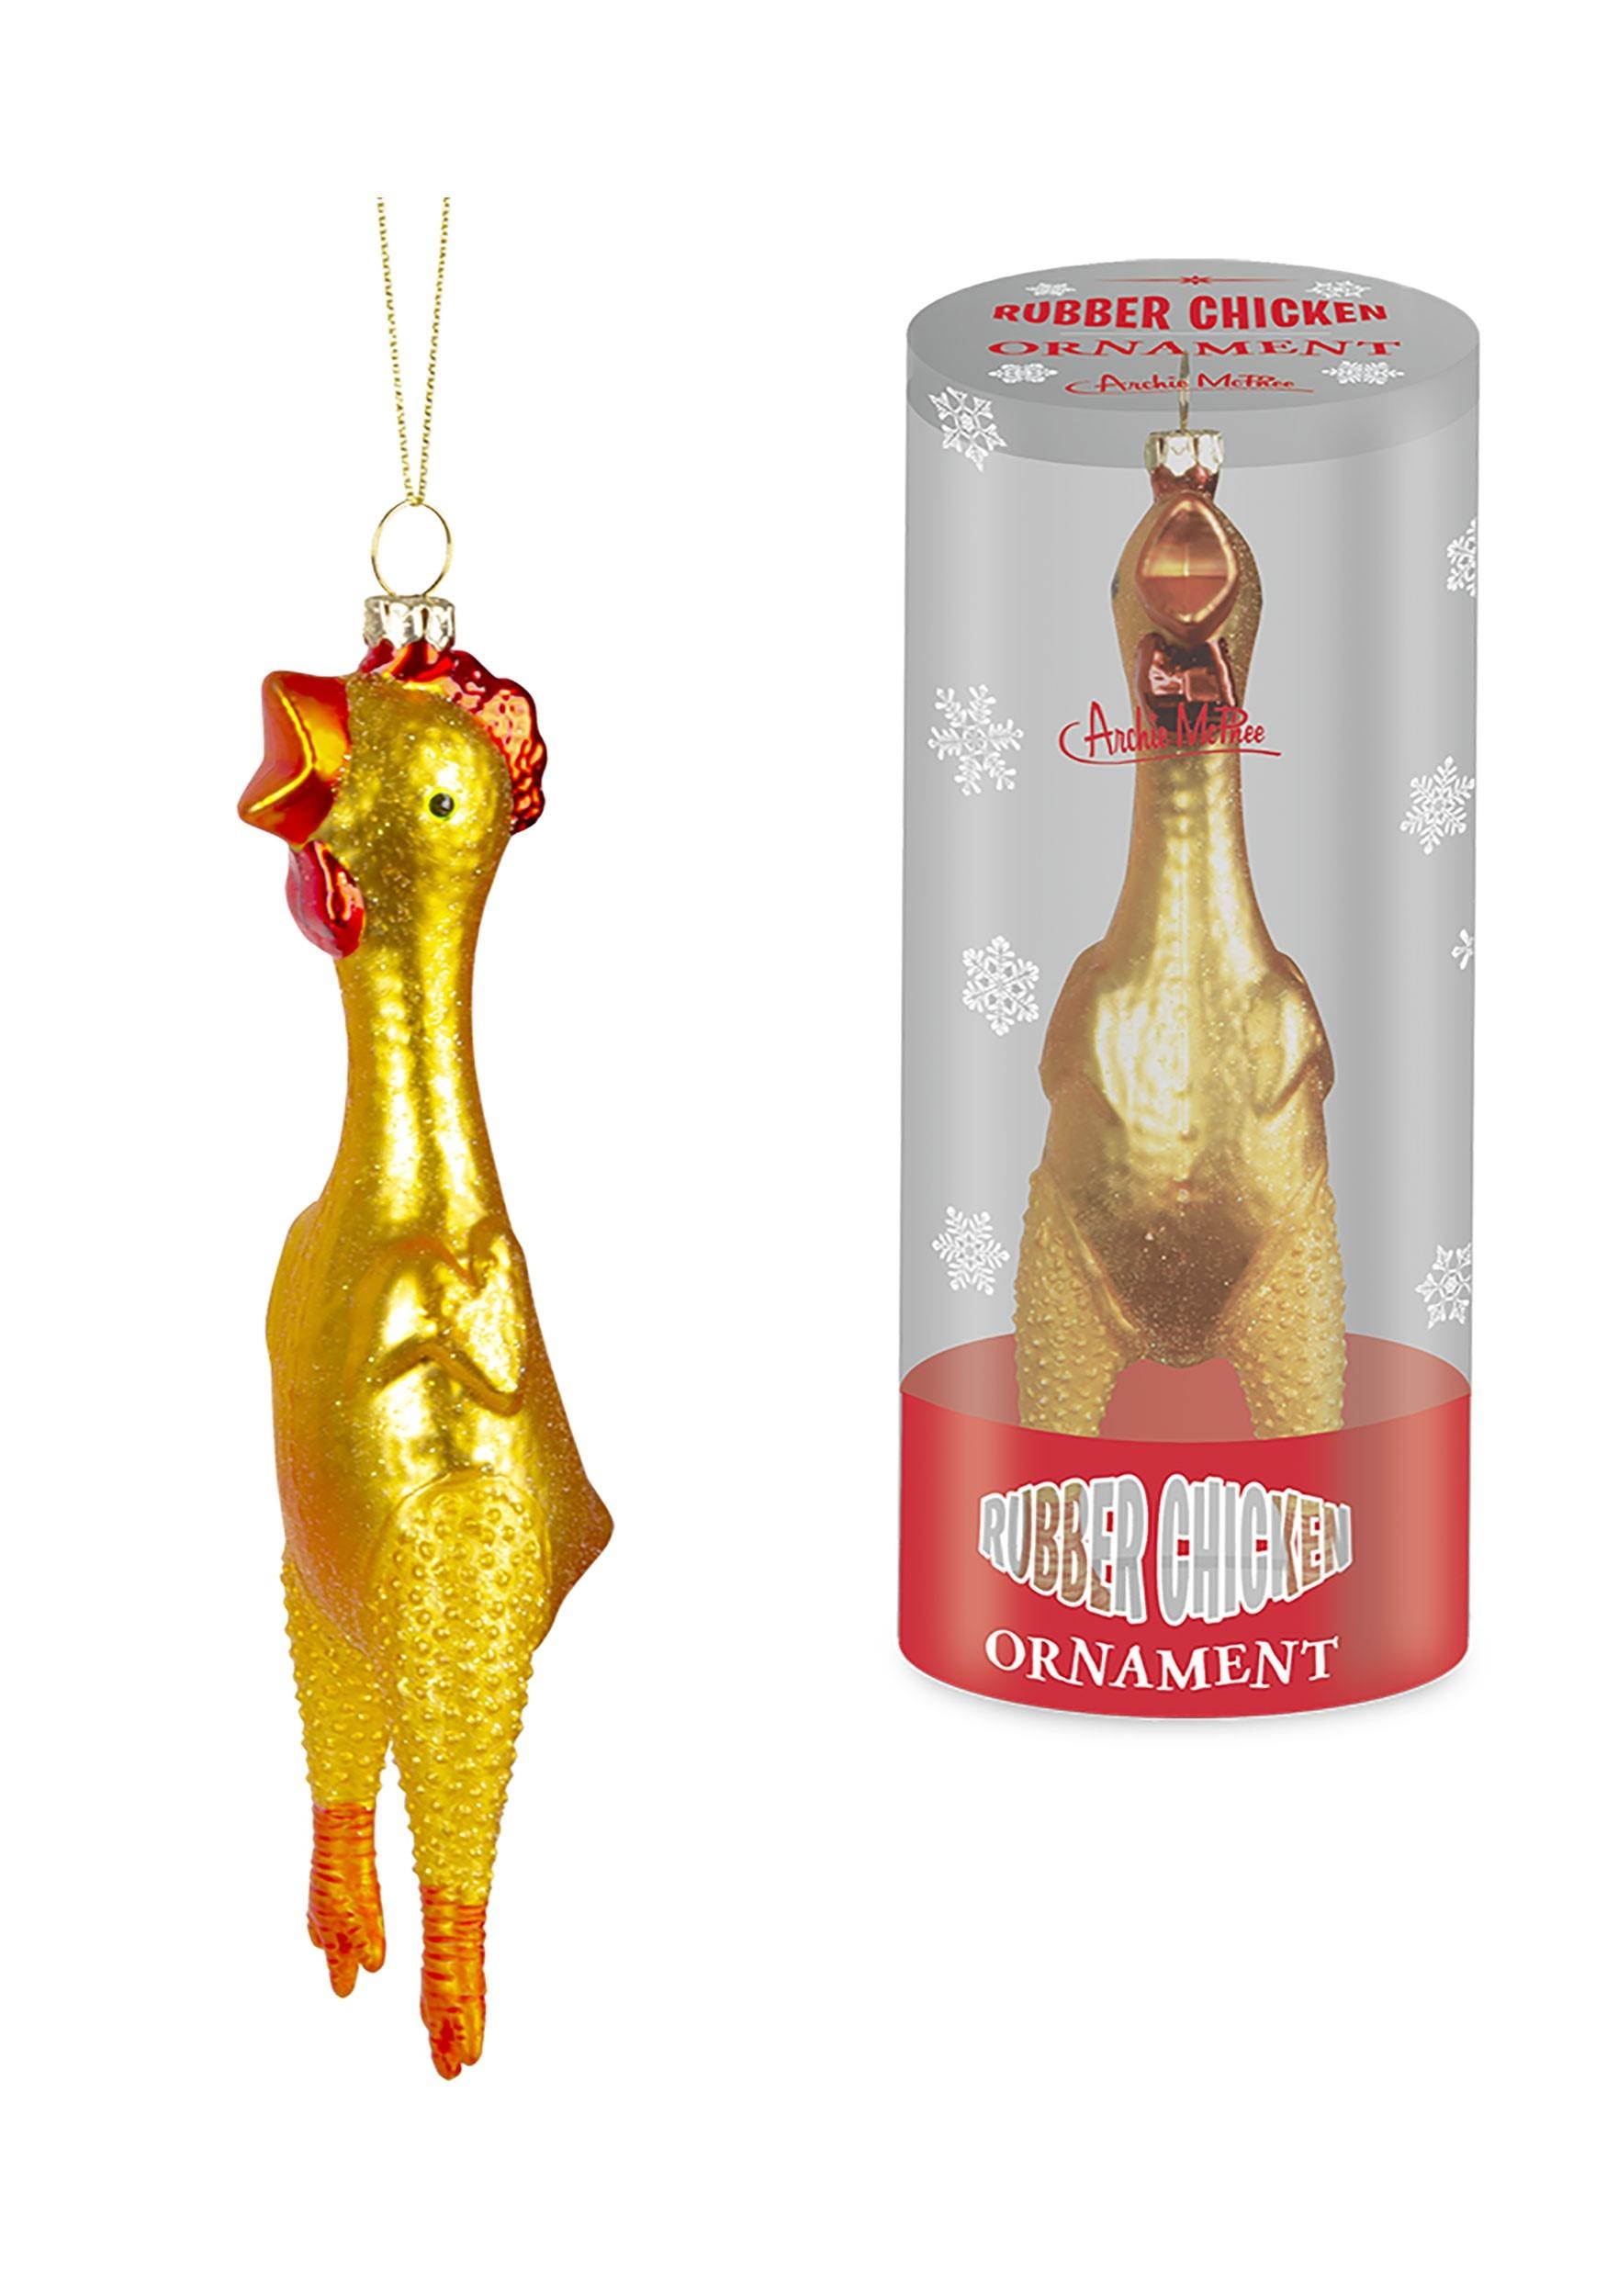 Glass Ornament Rubber Chicken